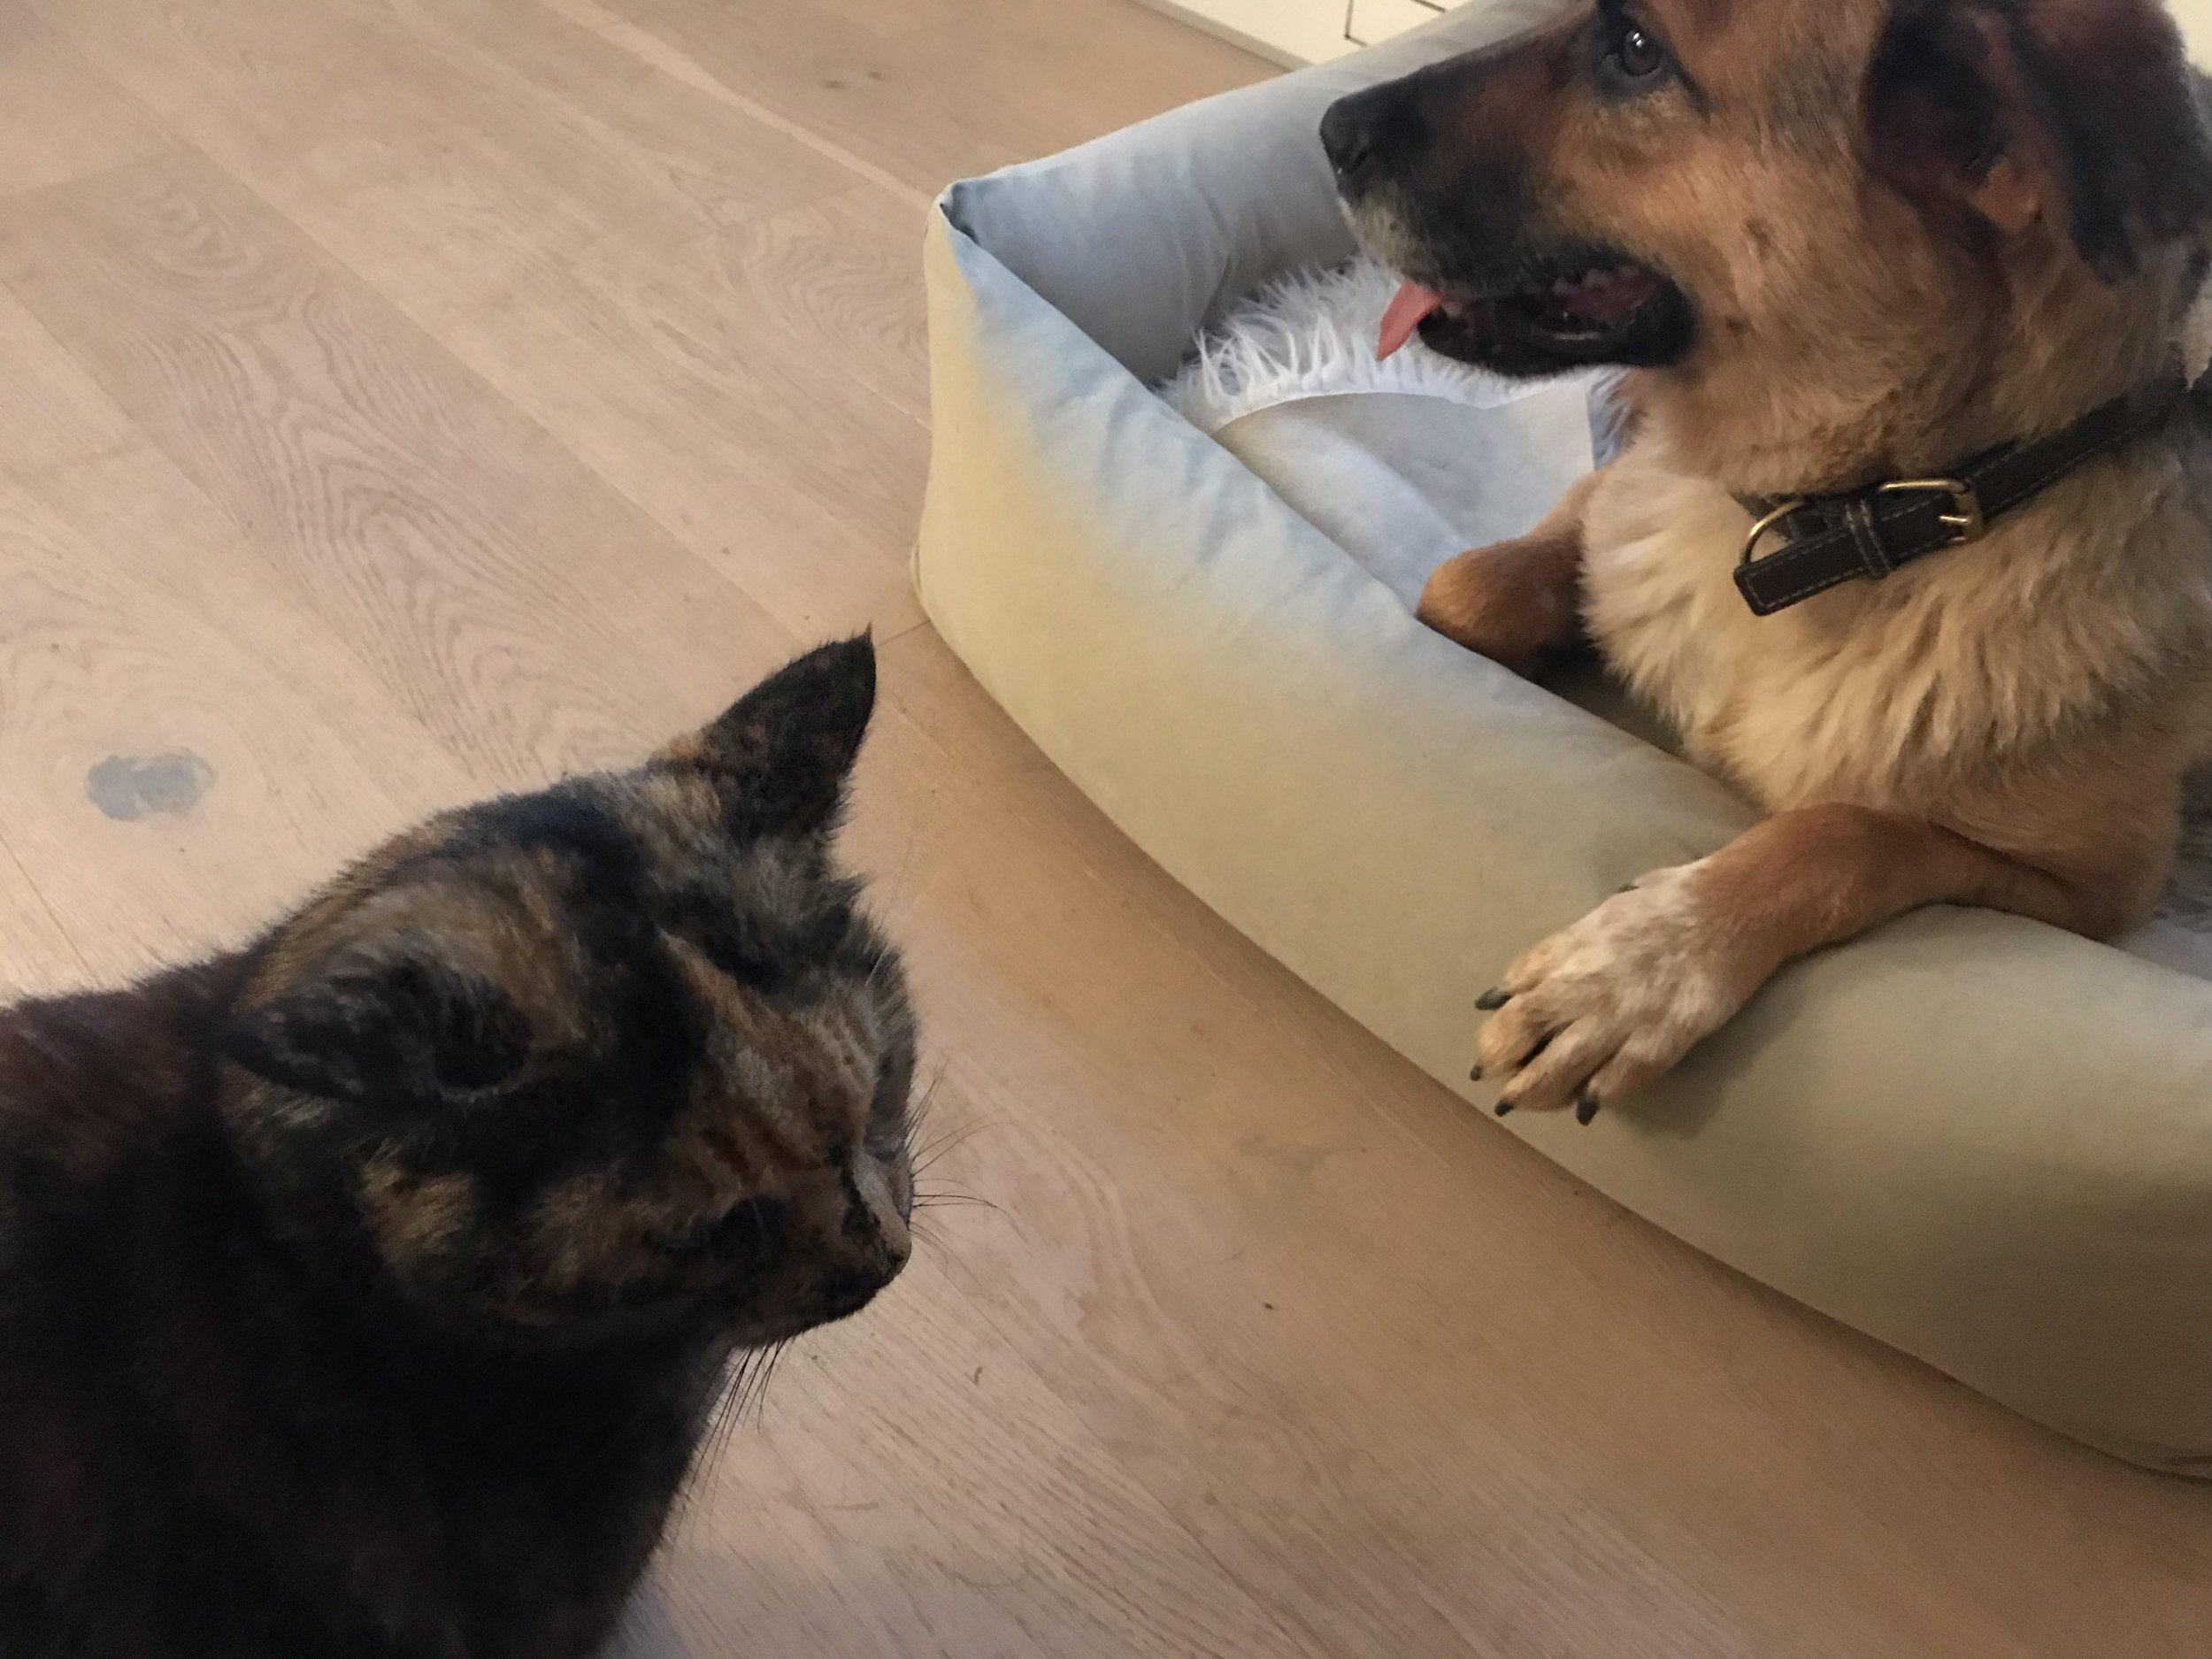 Snoopy et le chat 11/18